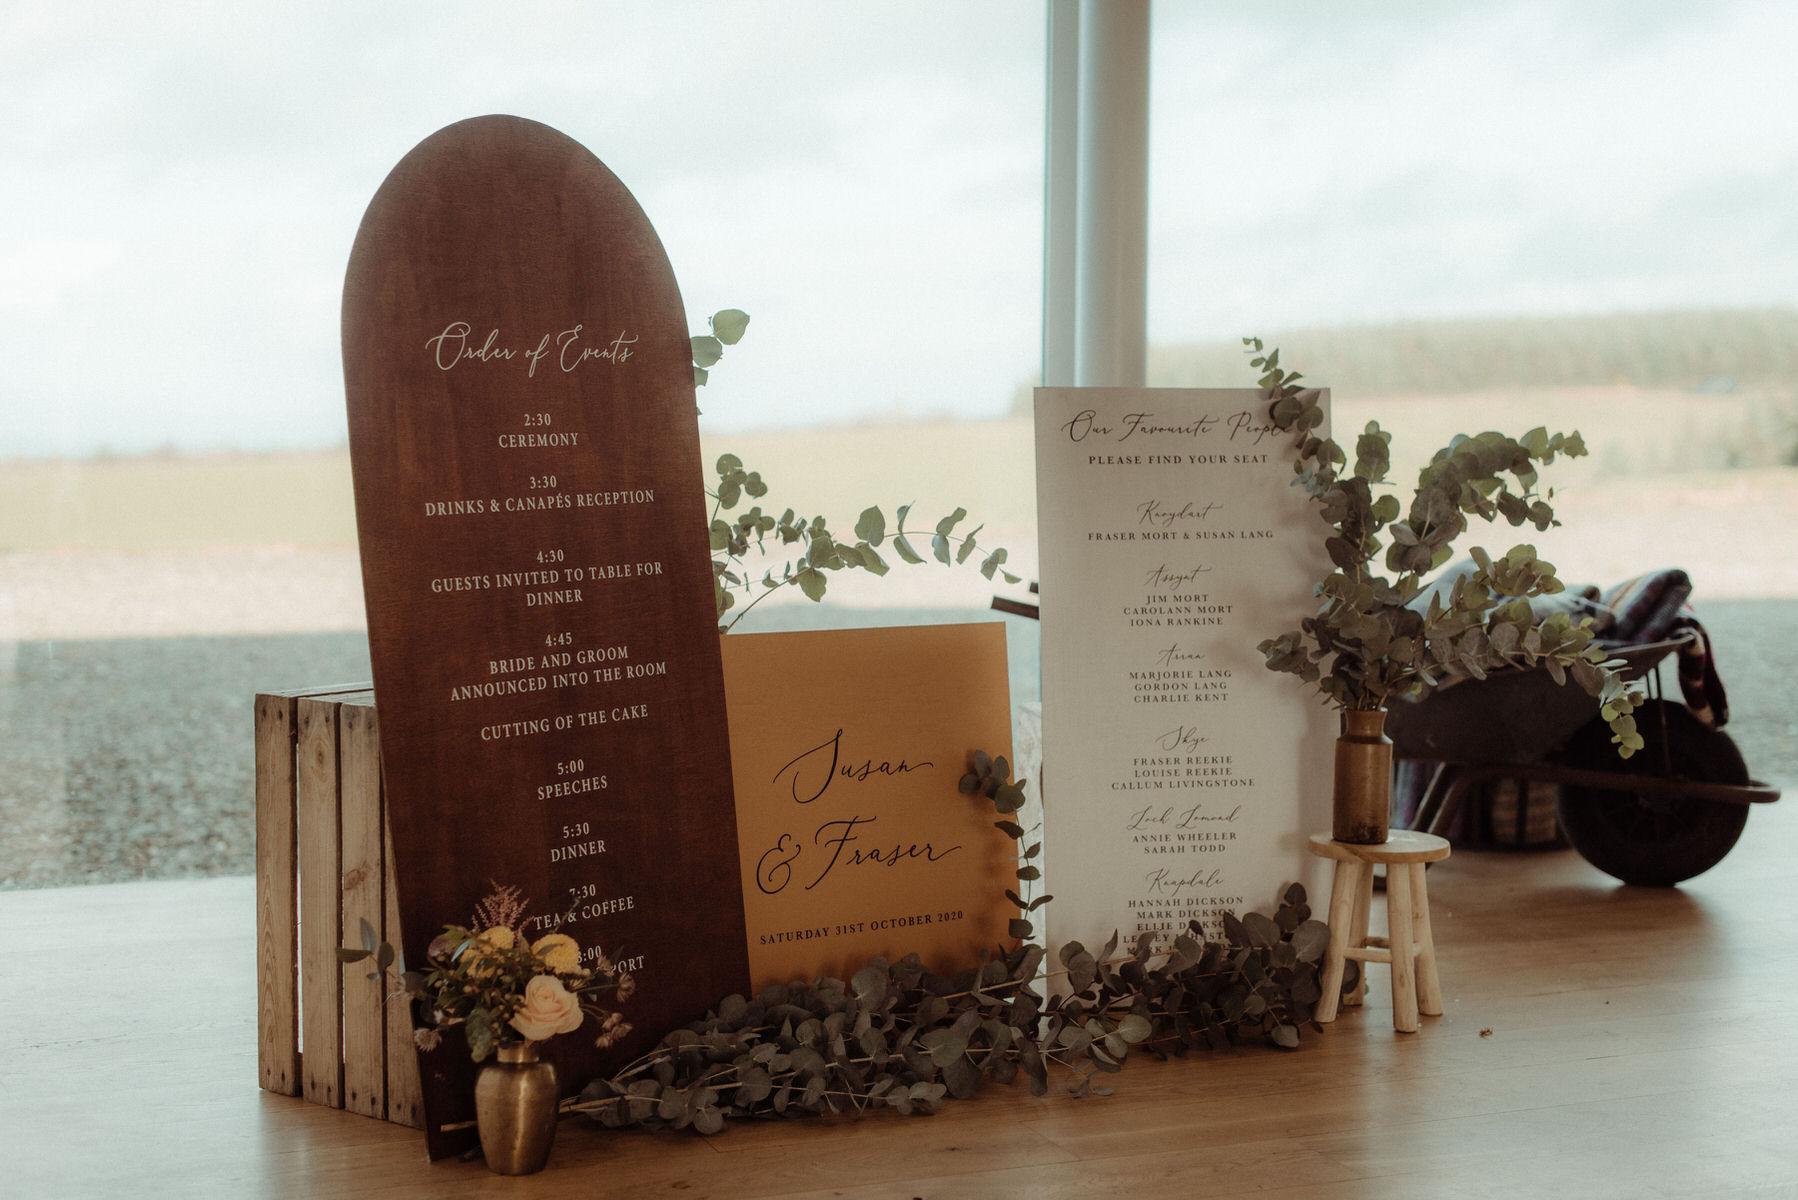 Signage for Scottish Autumnal wedding